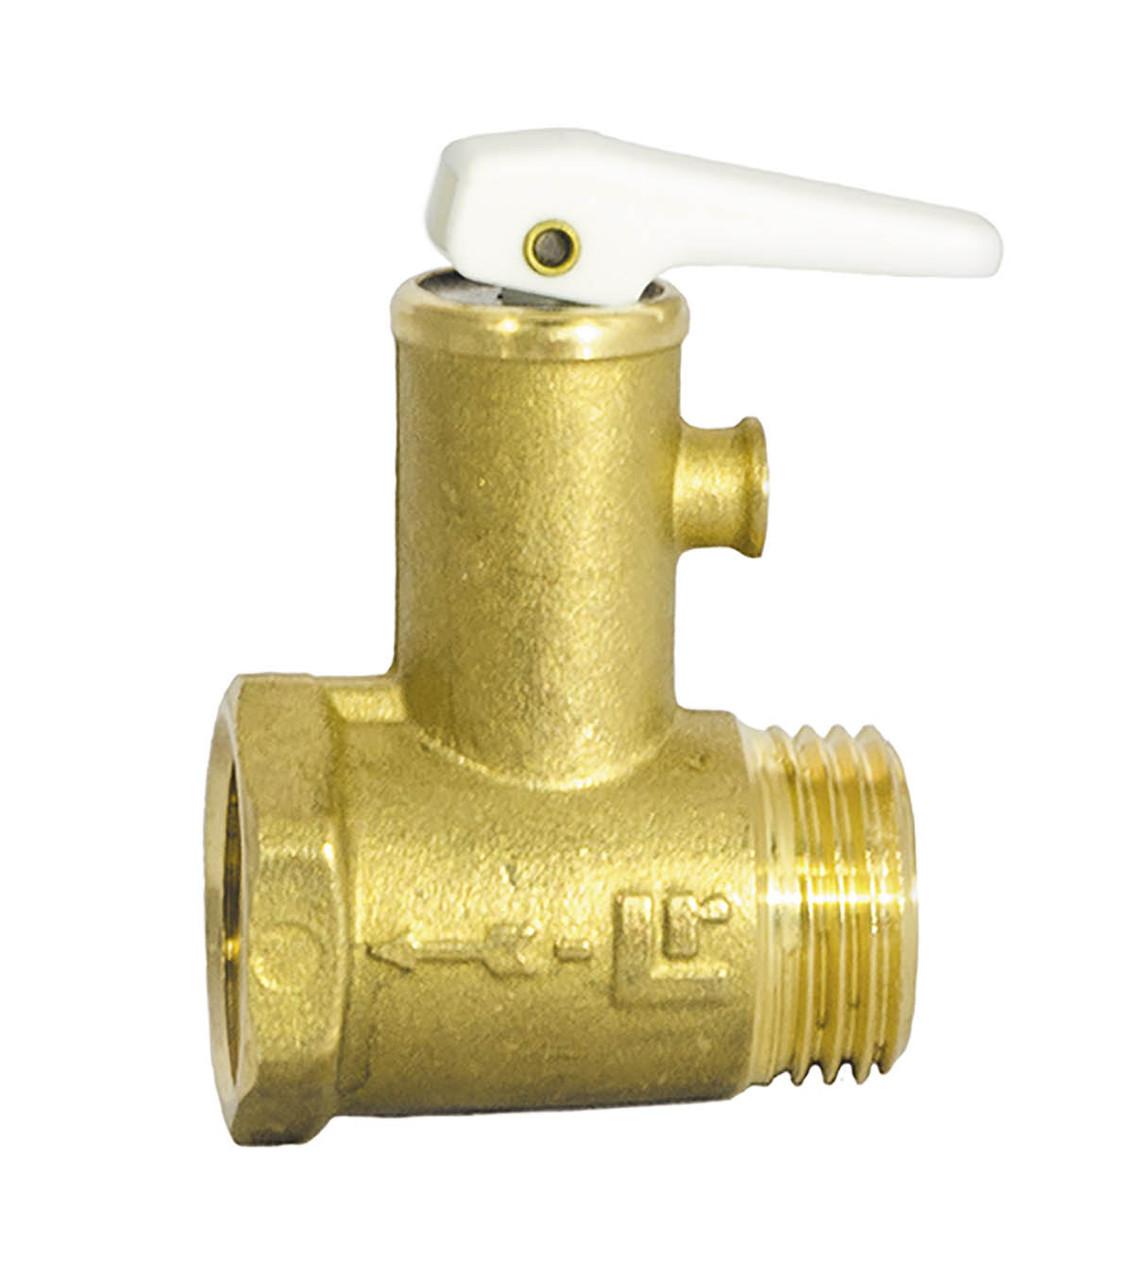 Клапан запобіжний MS 0012 Atl для водонагрівача Atlantic